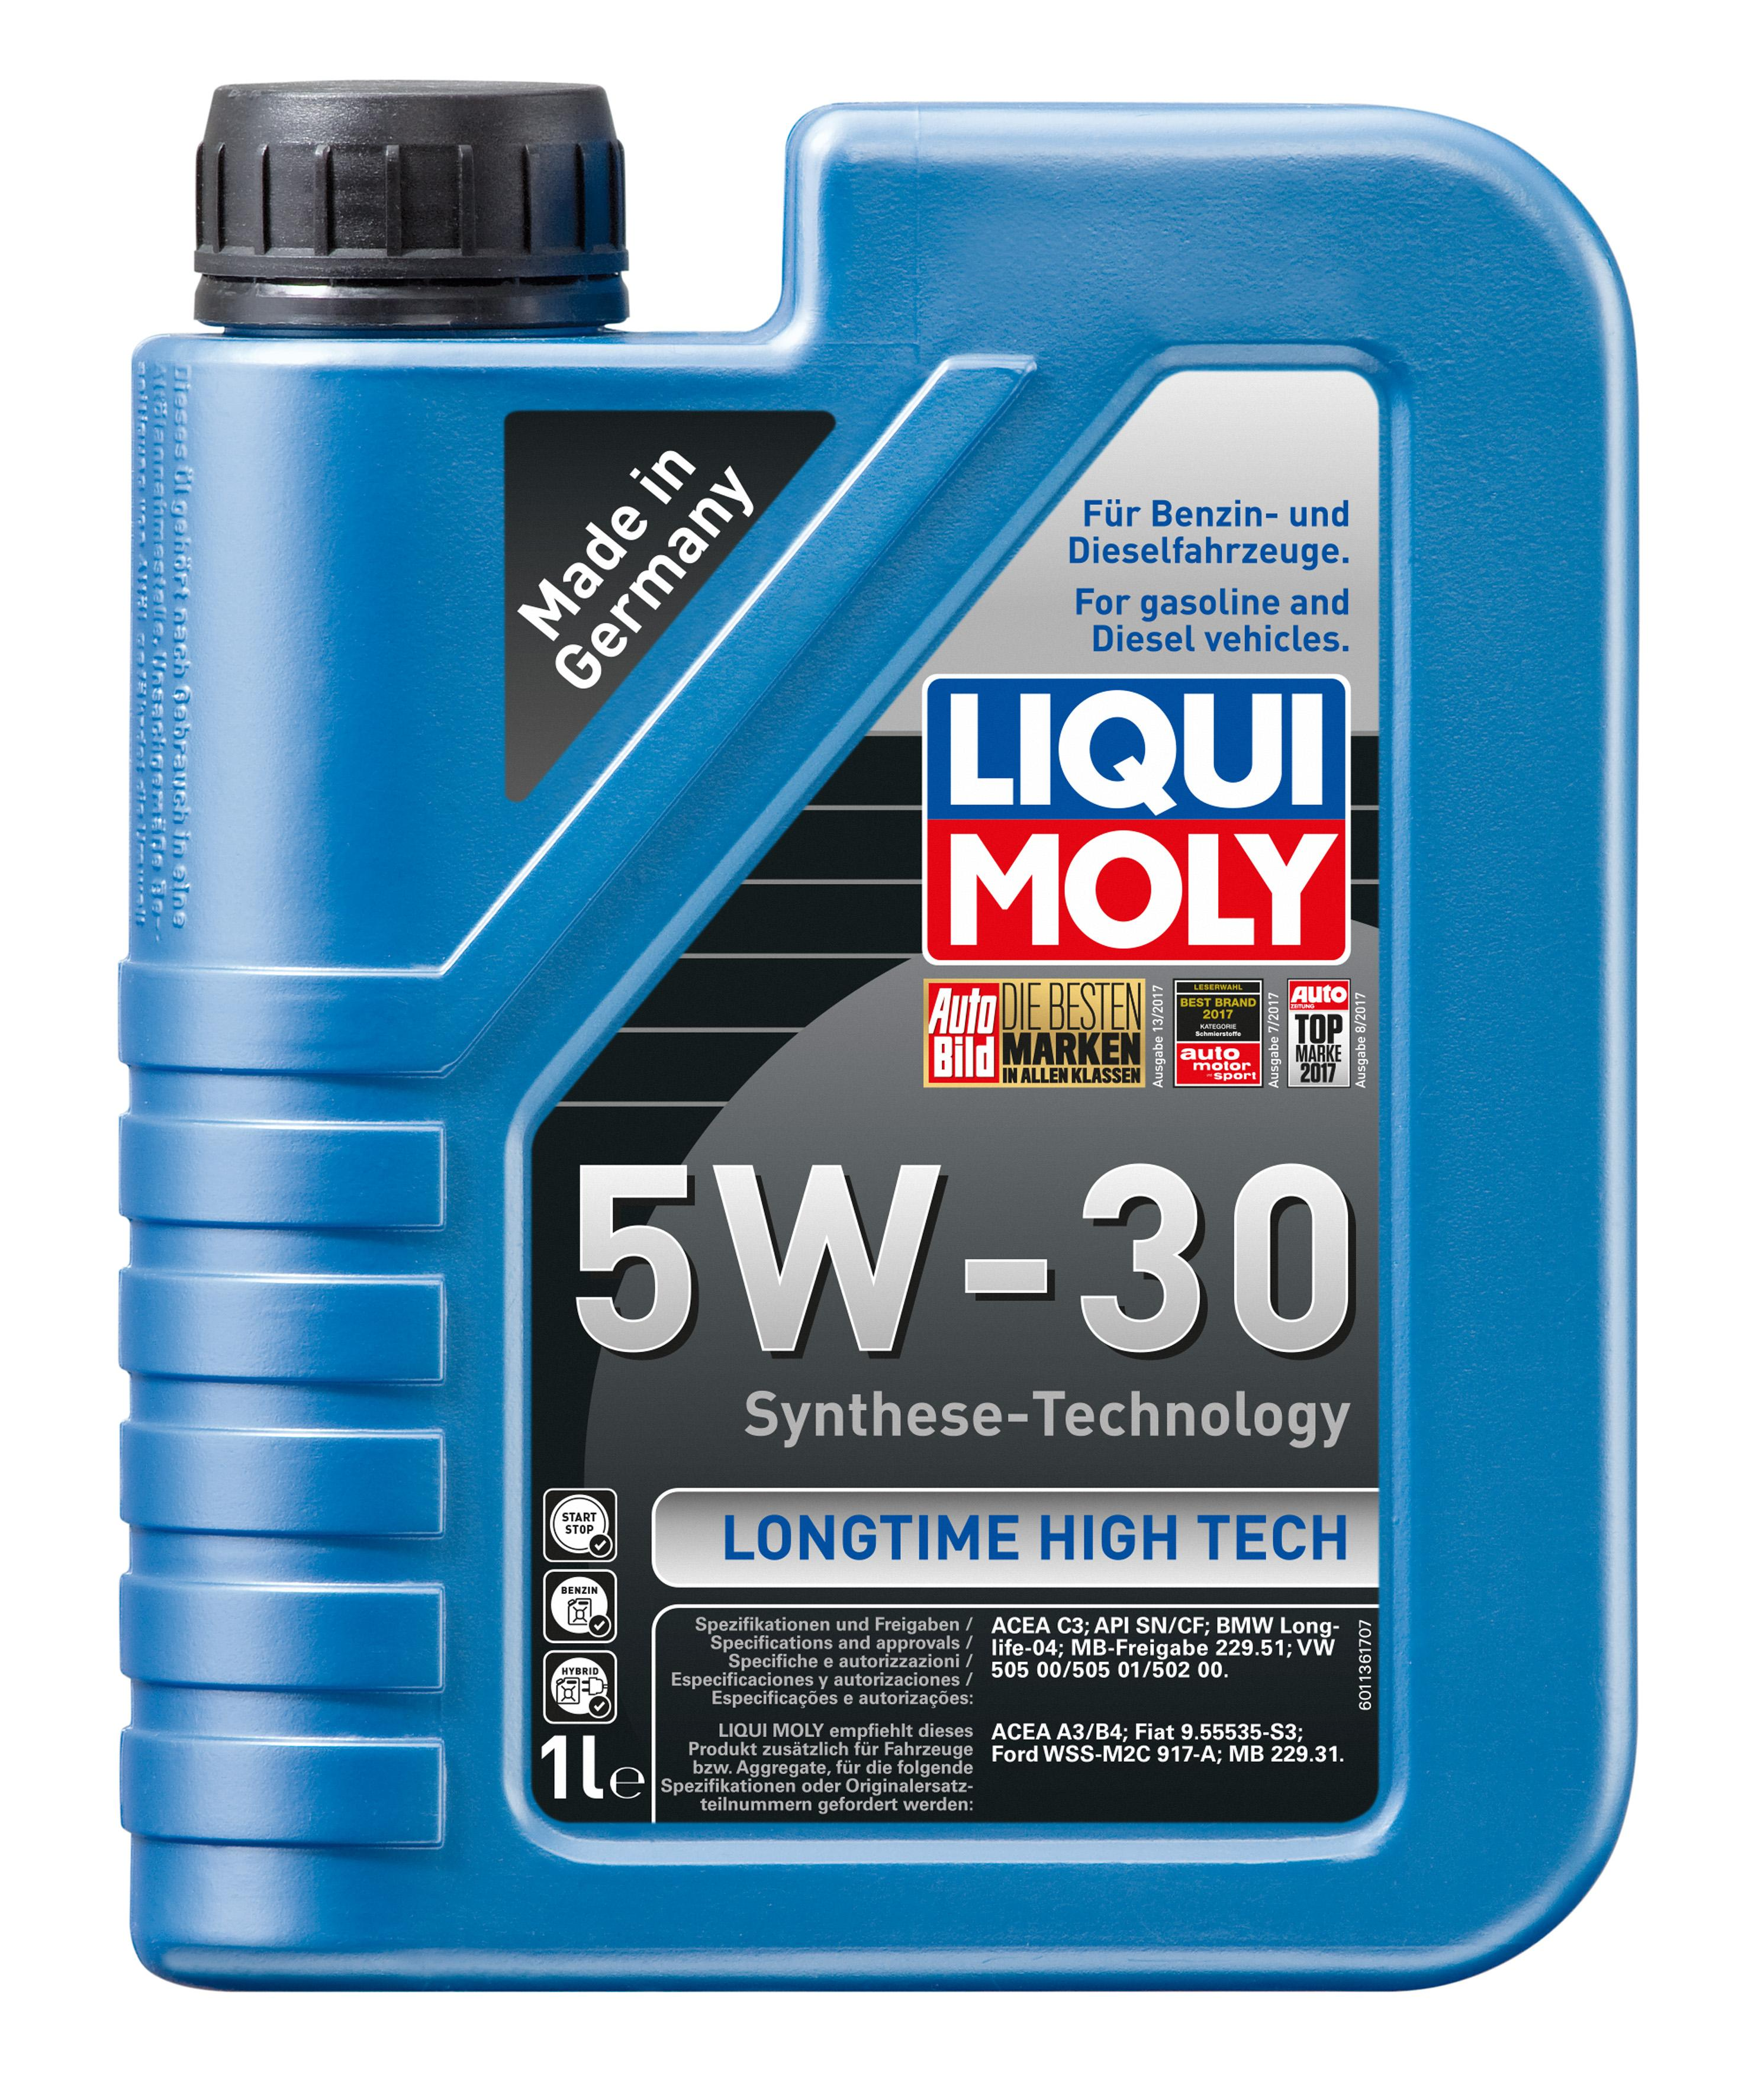 LongtimeHighTech5W30 LIQUI MOLY Longtime High Tech 5W-30, Inhalt: 1l Motoröl 1136 günstig kaufen